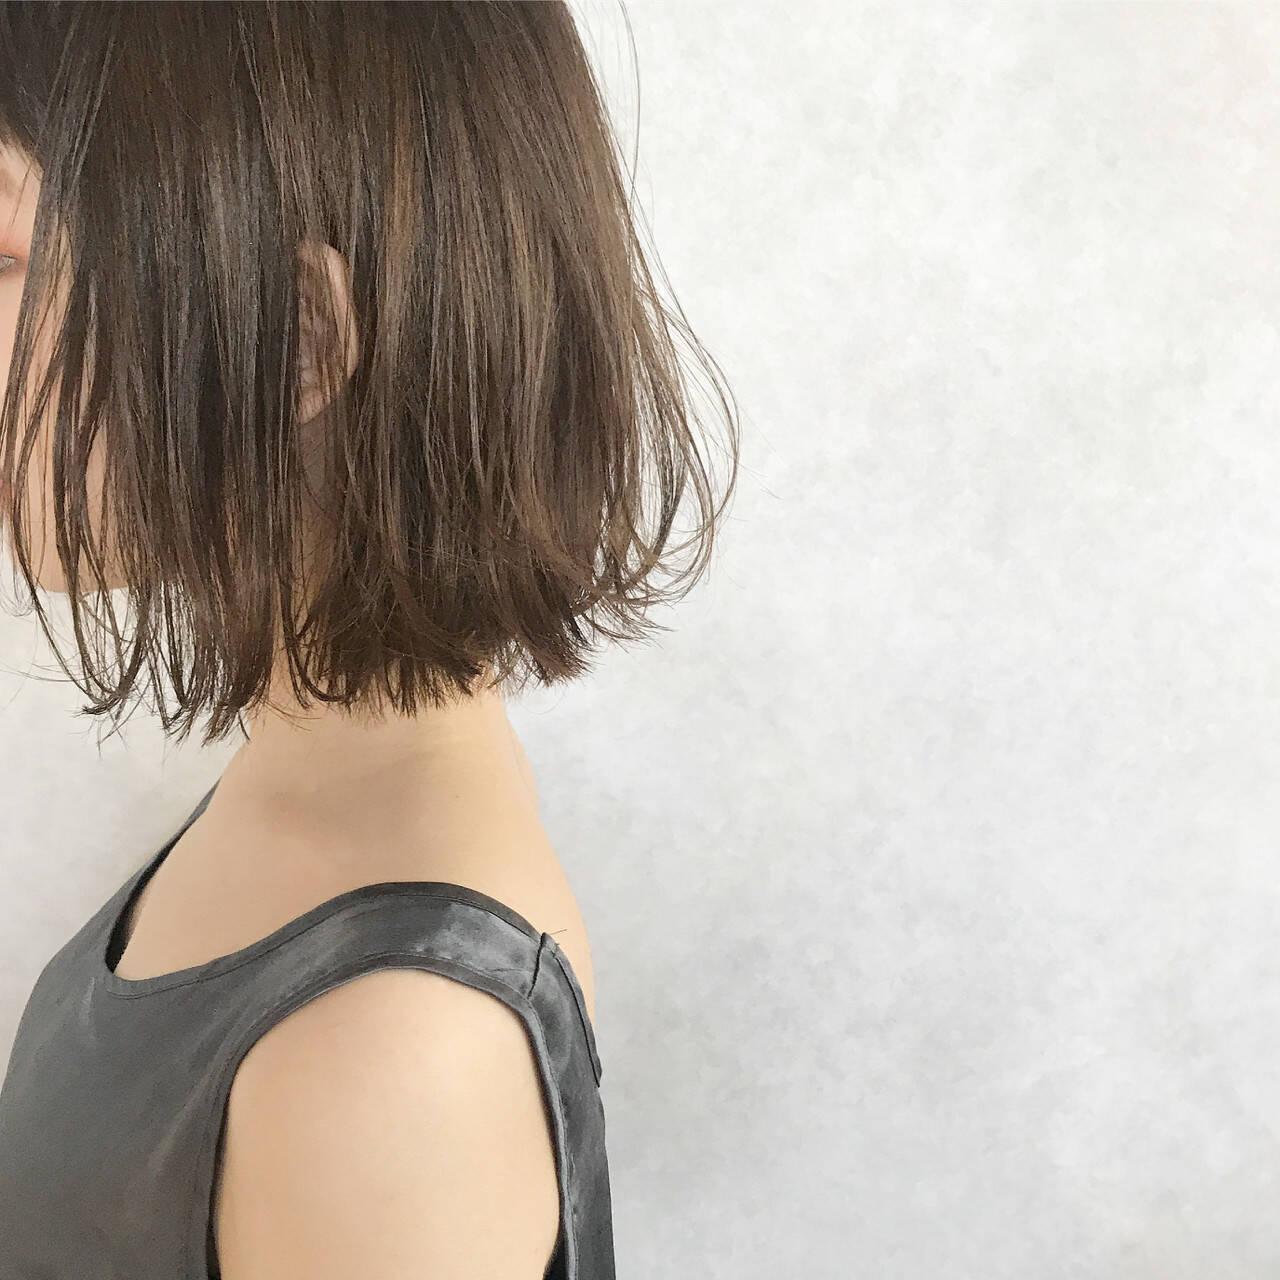 ナチュラル ボブ 大人かわいい 透明感ヘアスタイルや髪型の写真・画像